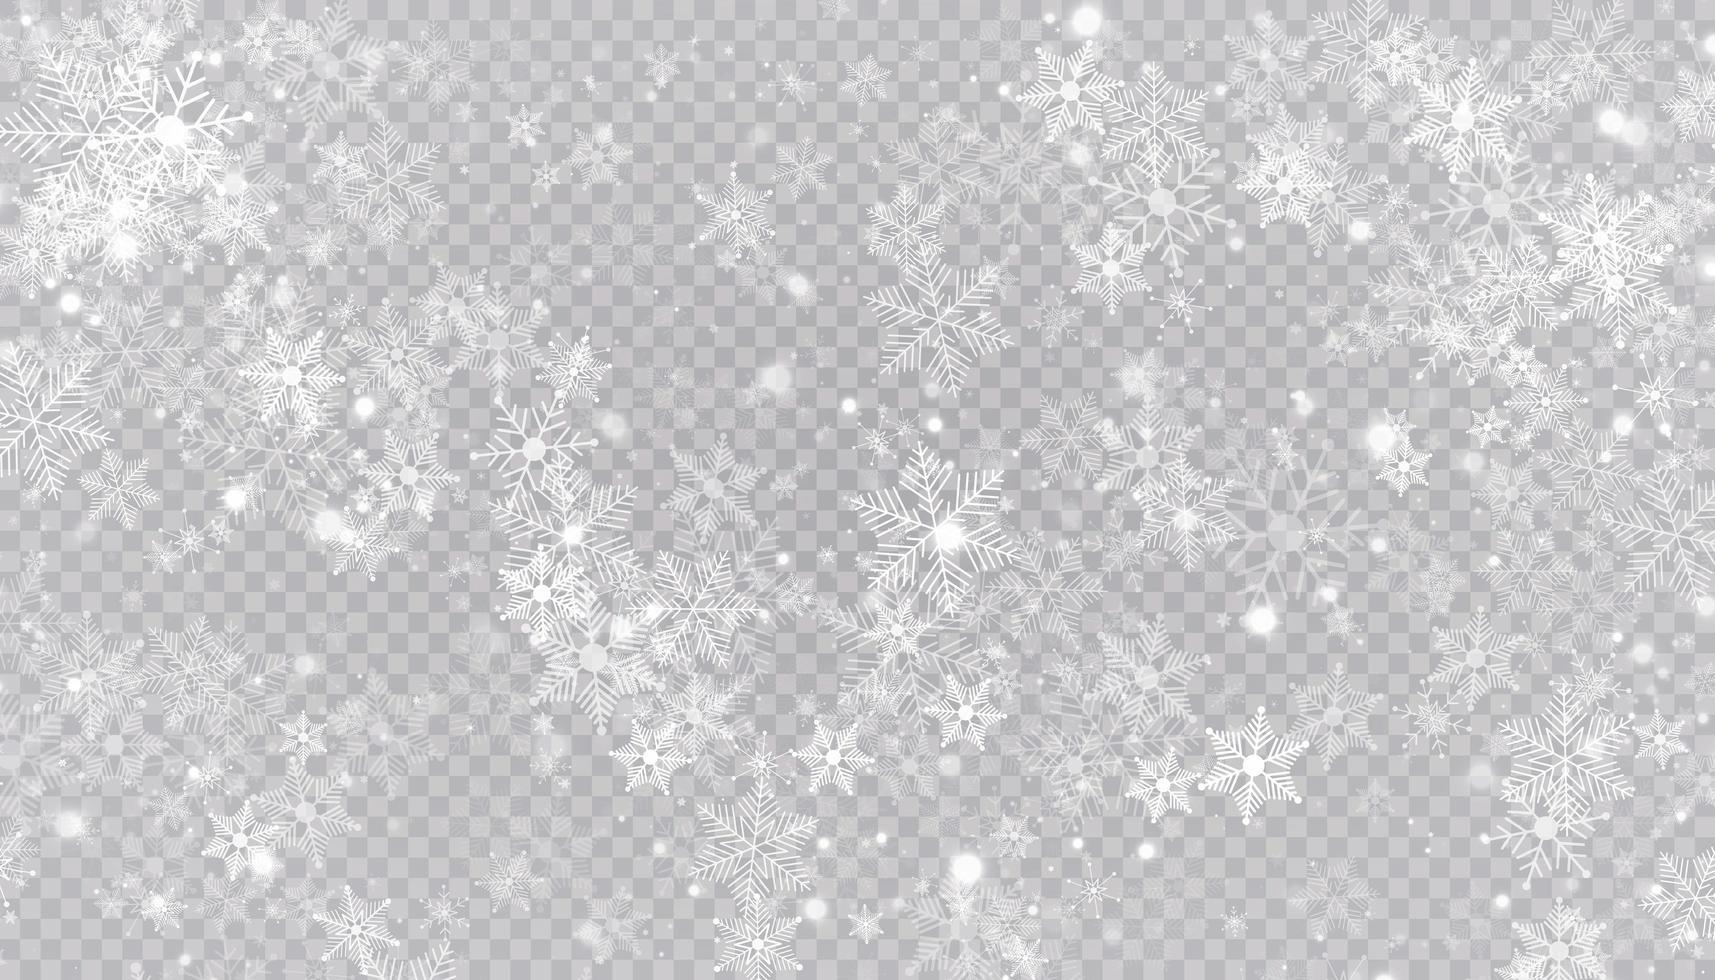 witte sneeuwvlokken op een transparante achtergrond. vector